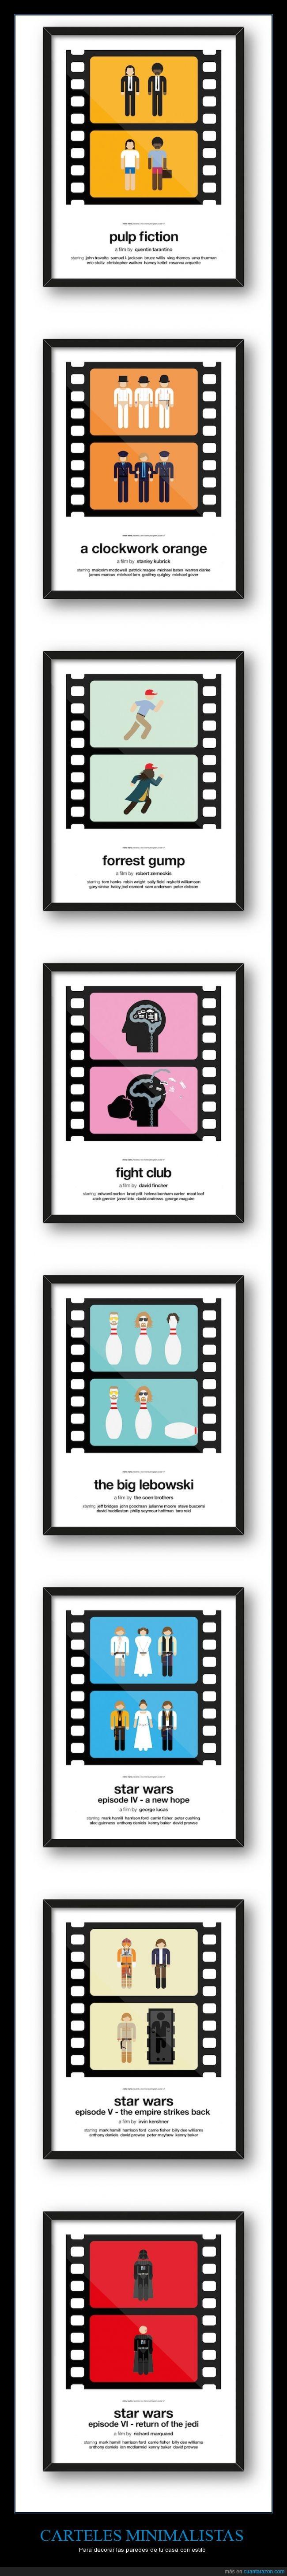 cartel,El club de la lucha,El gran lebowsky,Forrest Gump,fotograma,La naranja mecánica,minimalista,pelicula,Pulp Fiction,Star Wars,Viktor Hertz